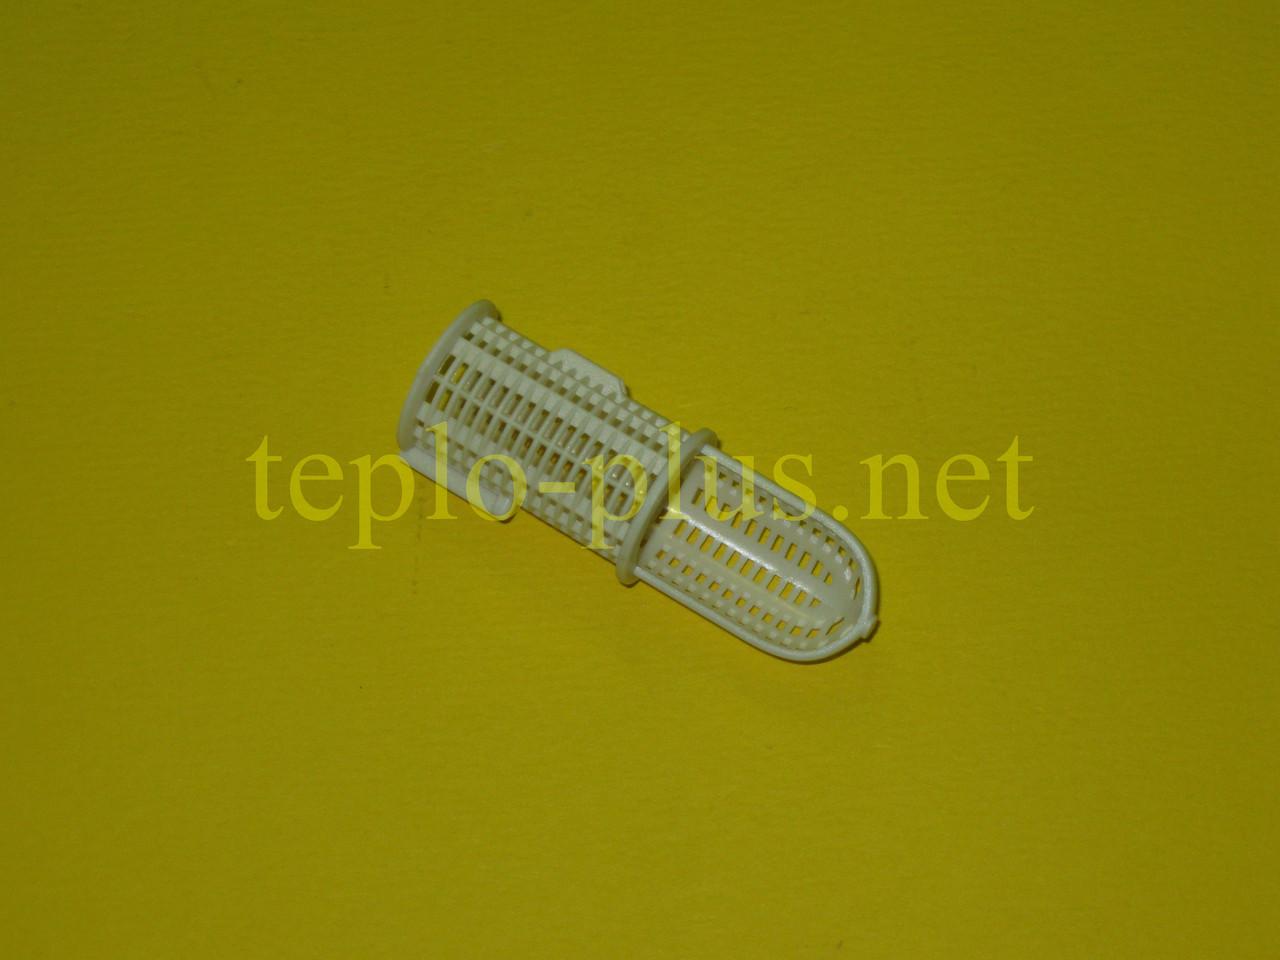 Фильтр 179030 Vaillant atmoTEC Pro / Plus, turboTEC Pro / Plus,  ecoTEC Pro / Plus, фото 2